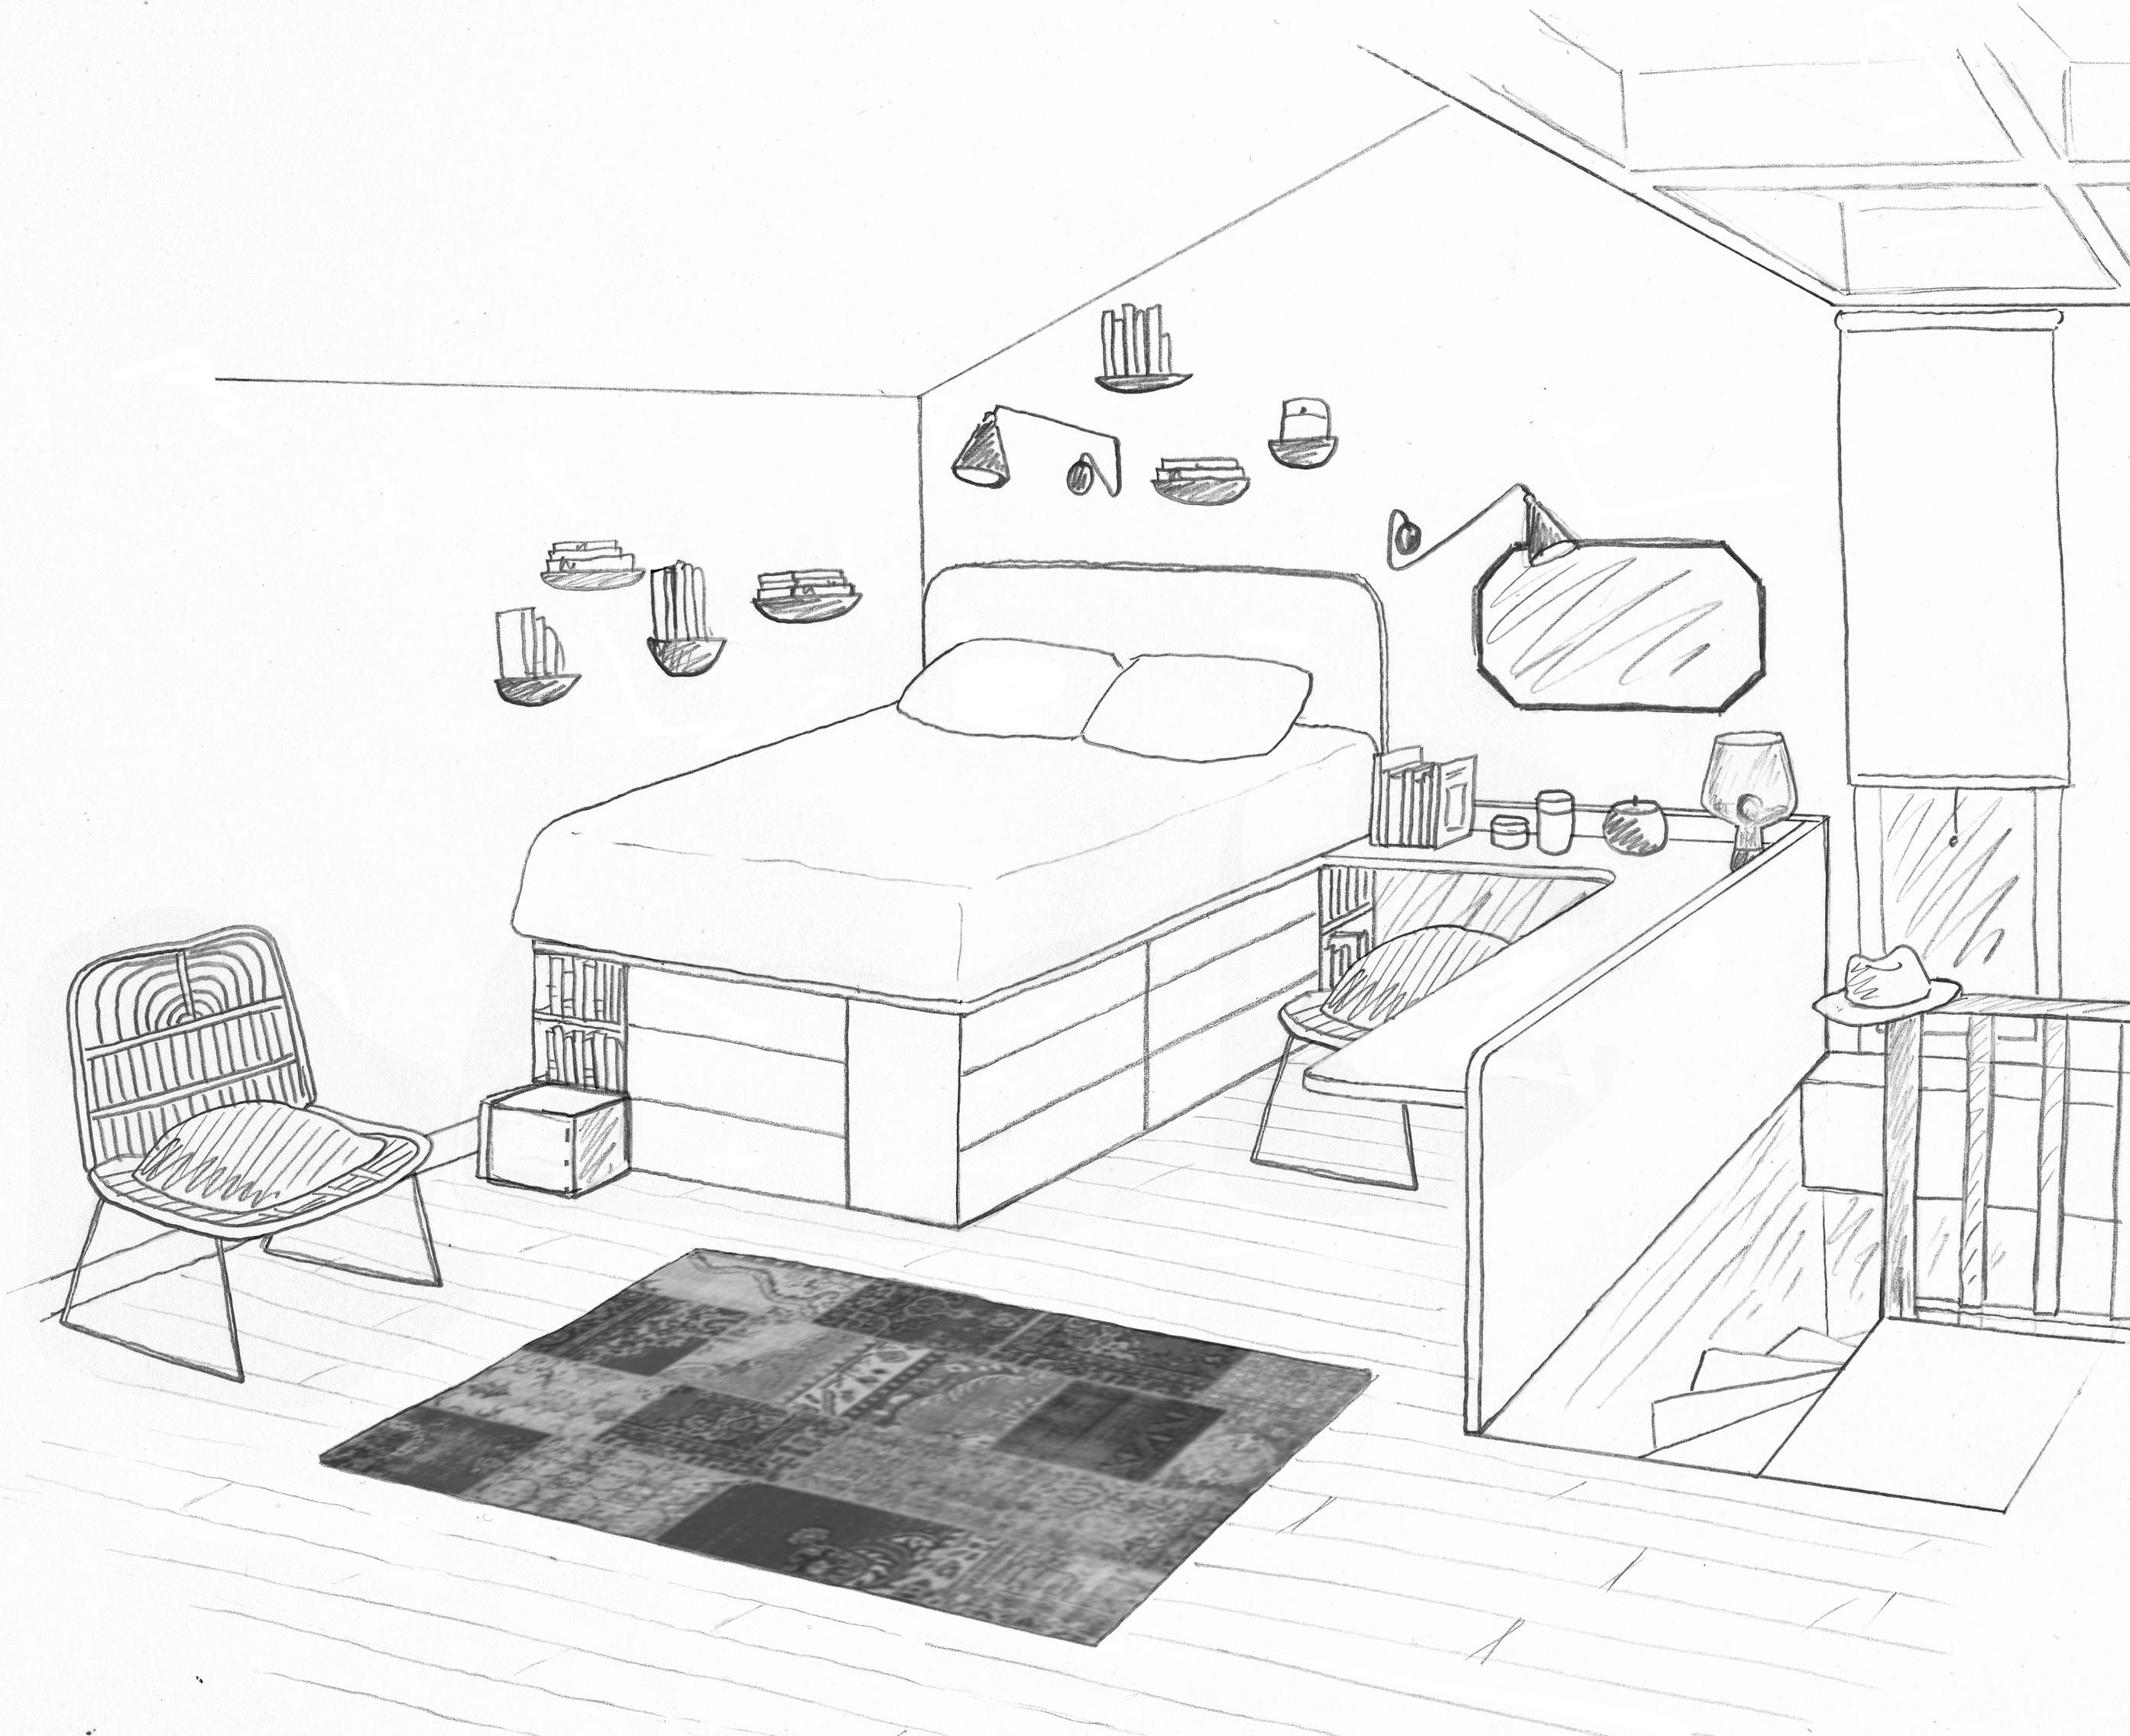 ° étage d une maison chambres bureau salles d eau